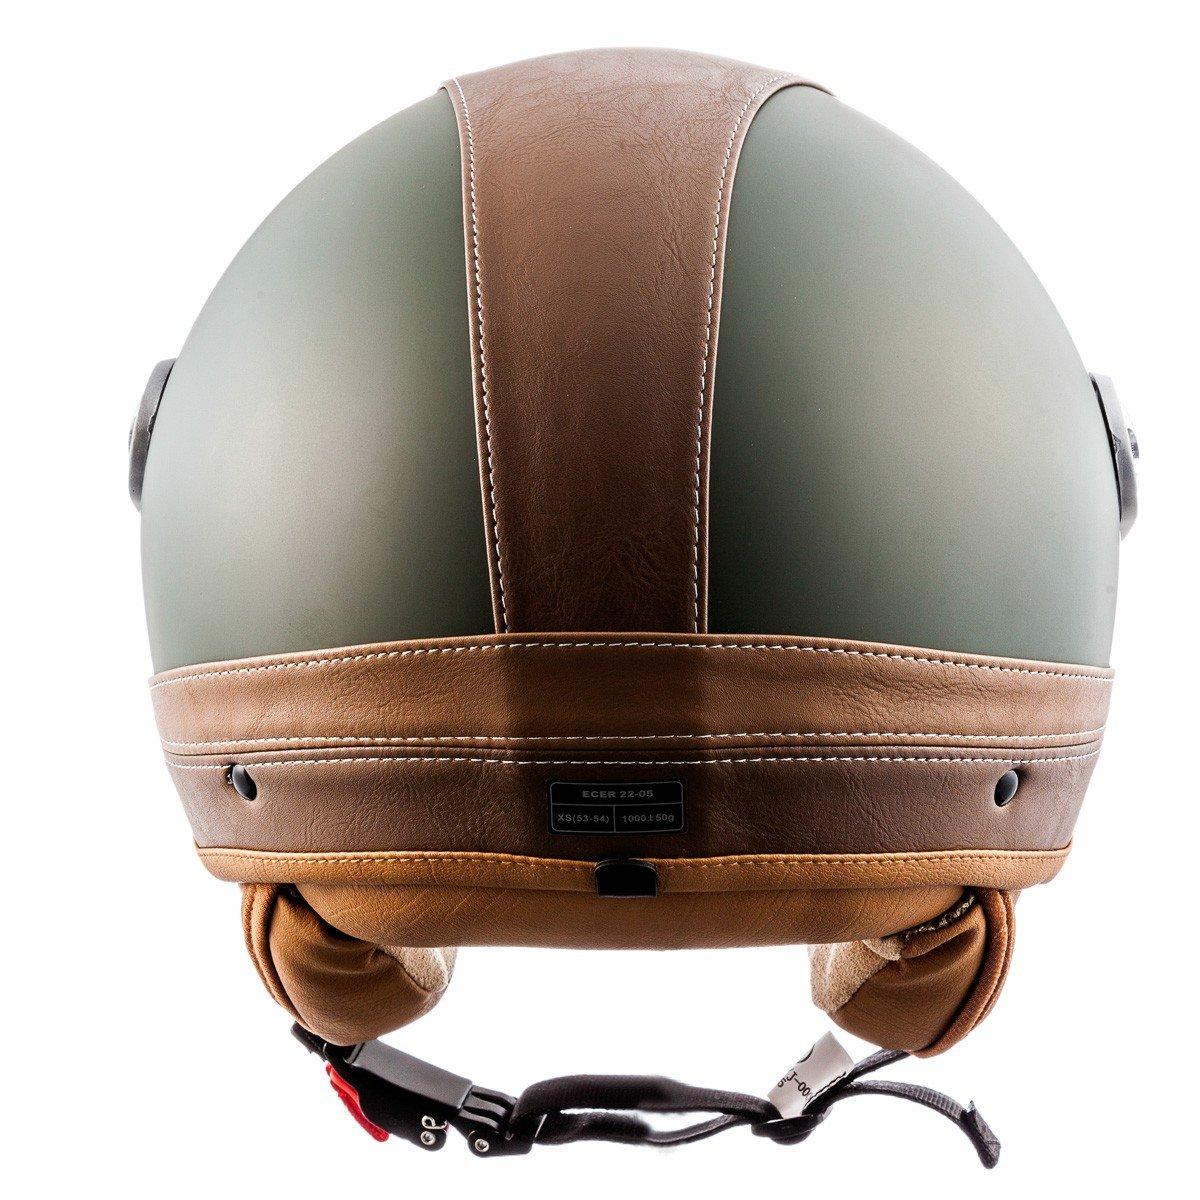 SOXON SP-325-URBAN Red /· Vespa Chopper Mofa Vintage Biker Urbano Motard Casco Demi-Jet Urban Bobber Piloto Moto Cruiser Scooter Retro /· ECE certificato /· design in pelle /· compresi visiera /· compresi Sacchetto portacasco